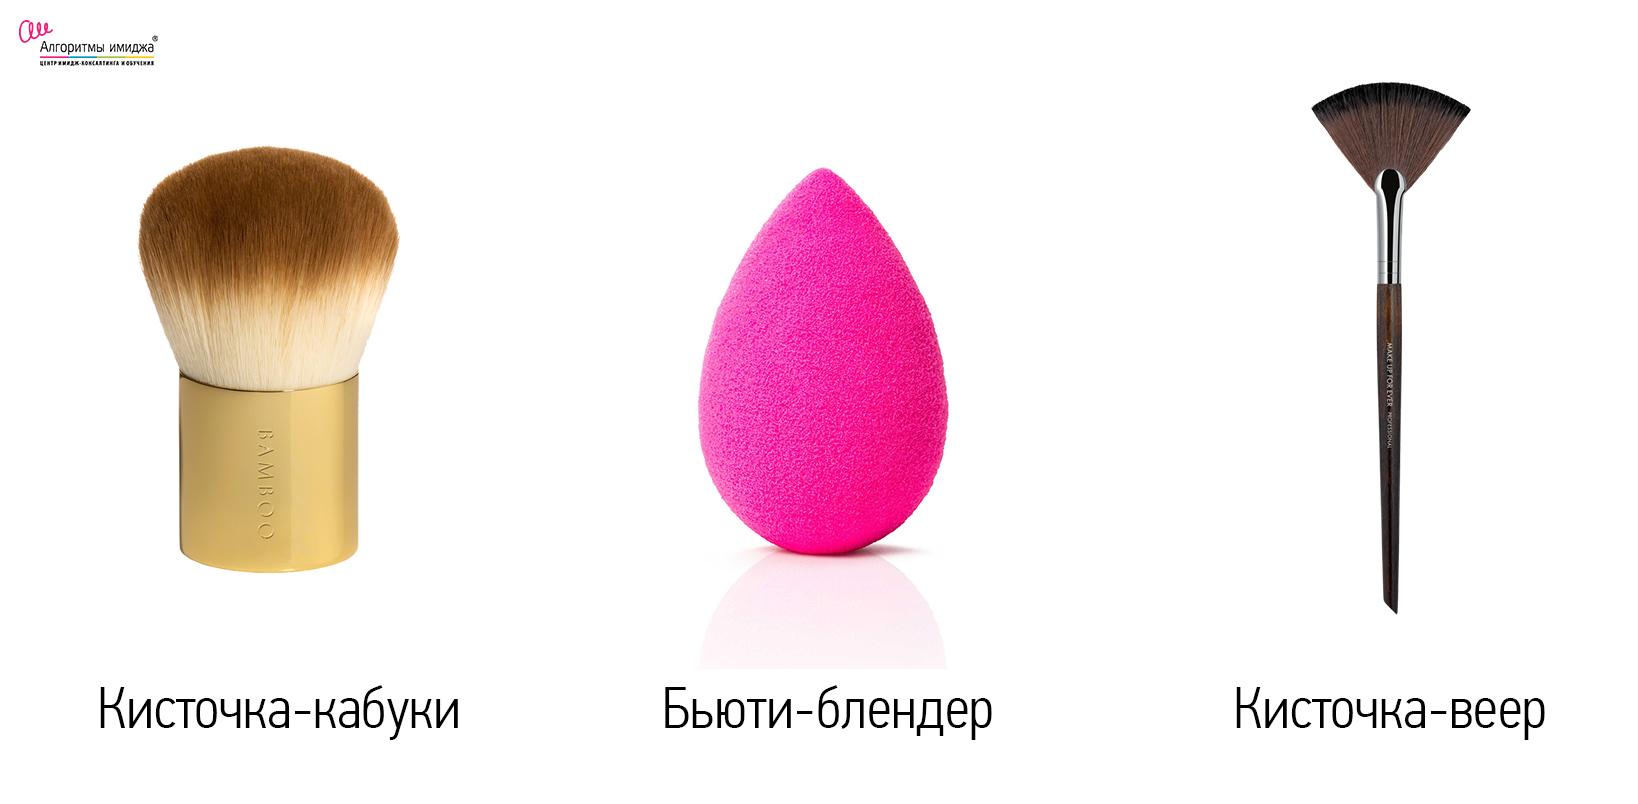 Как правильно хранить спонжи для макияжа